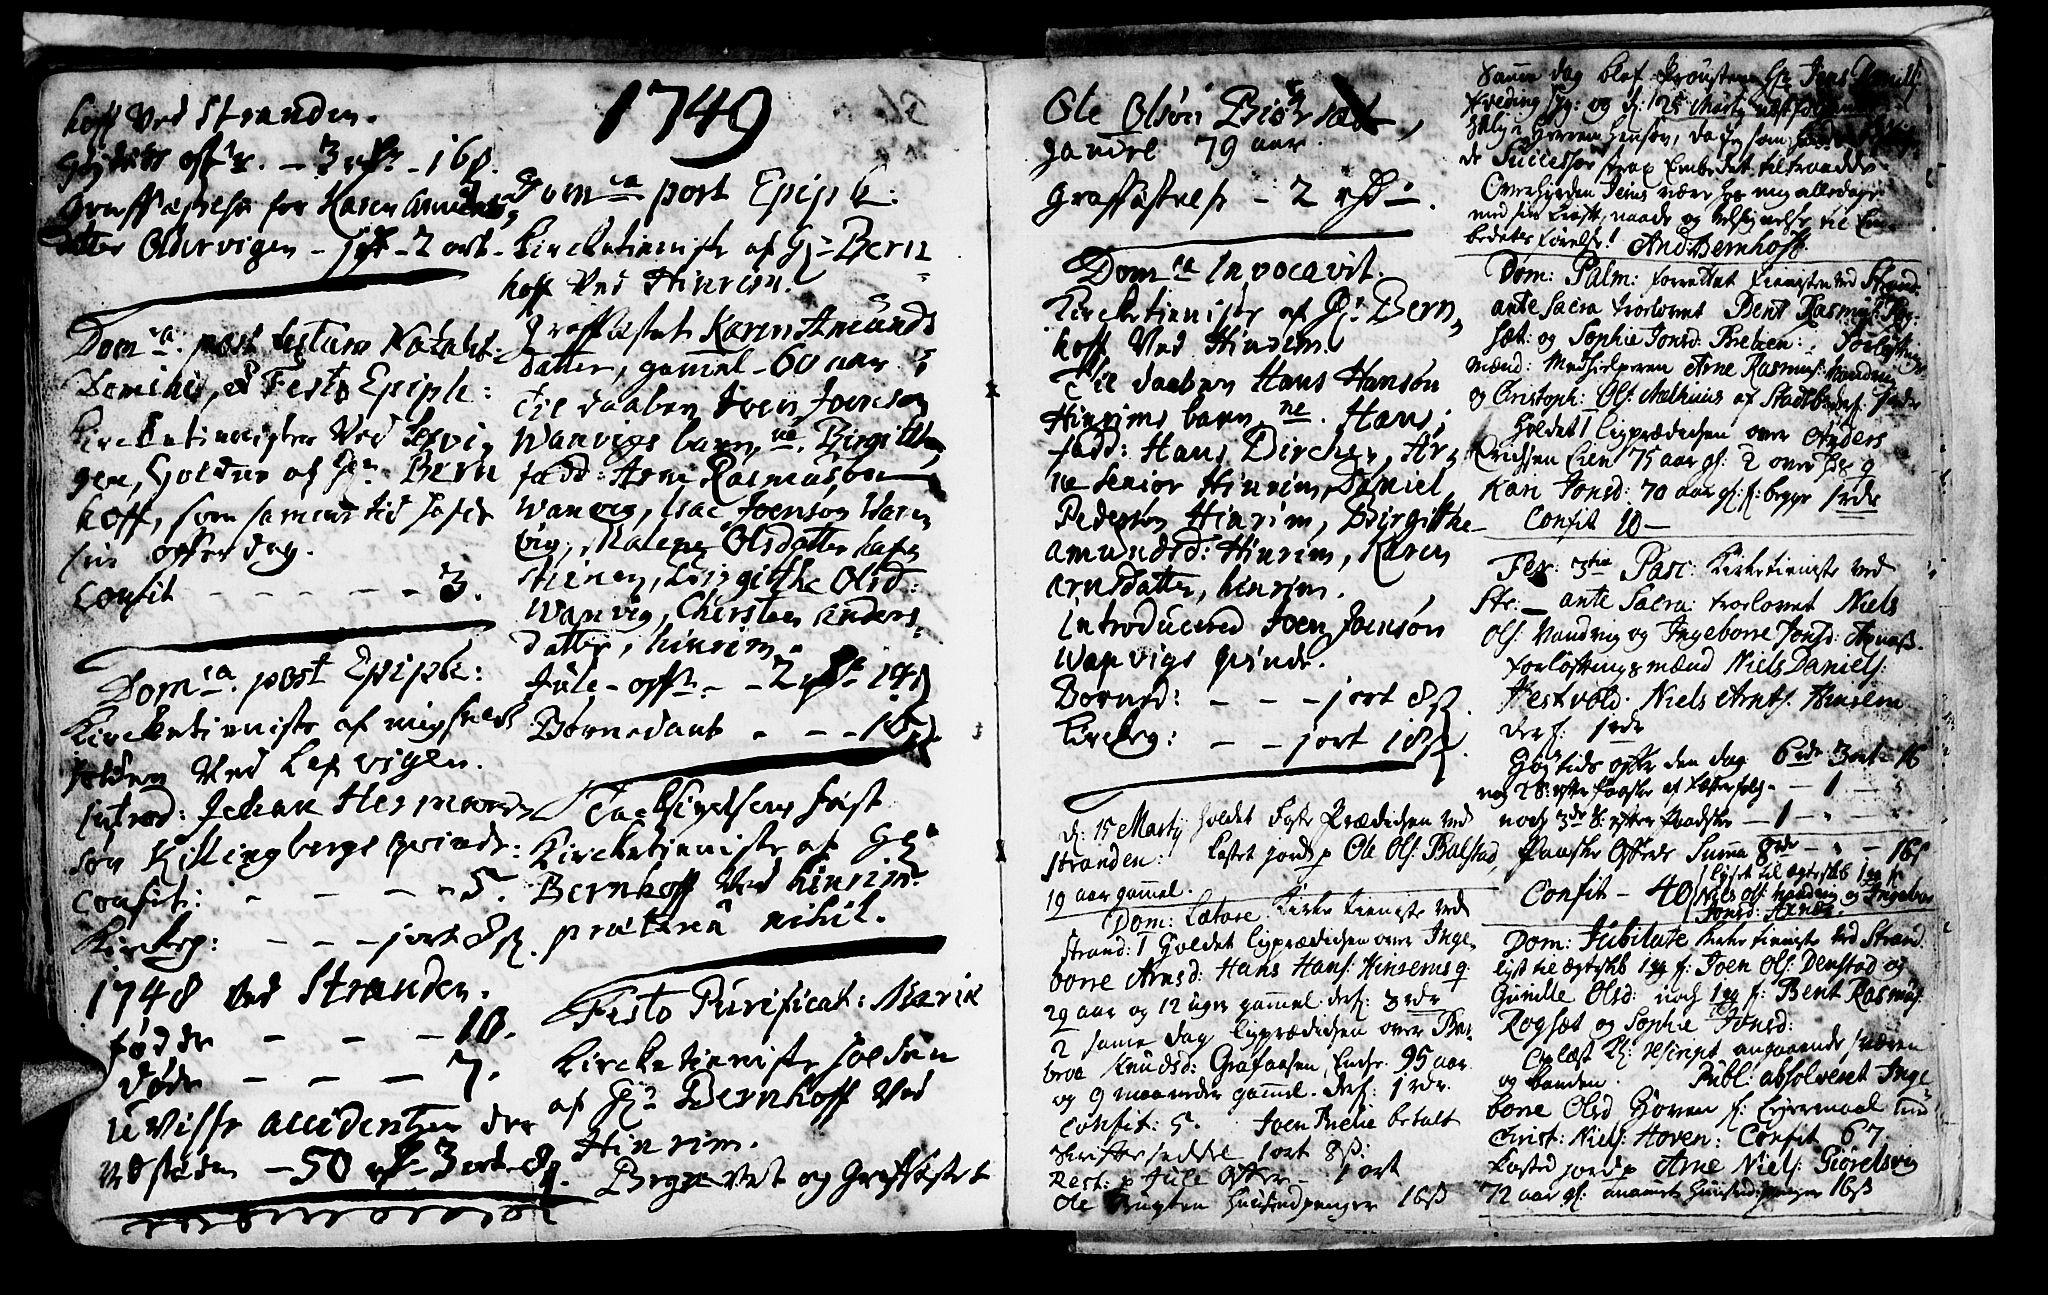 SAT, Ministerialprotokoller, klokkerbøker og fødselsregistre - Nord-Trøndelag, 701/L0002: Ministerialbok nr. 701A02 /2, 1738-1752